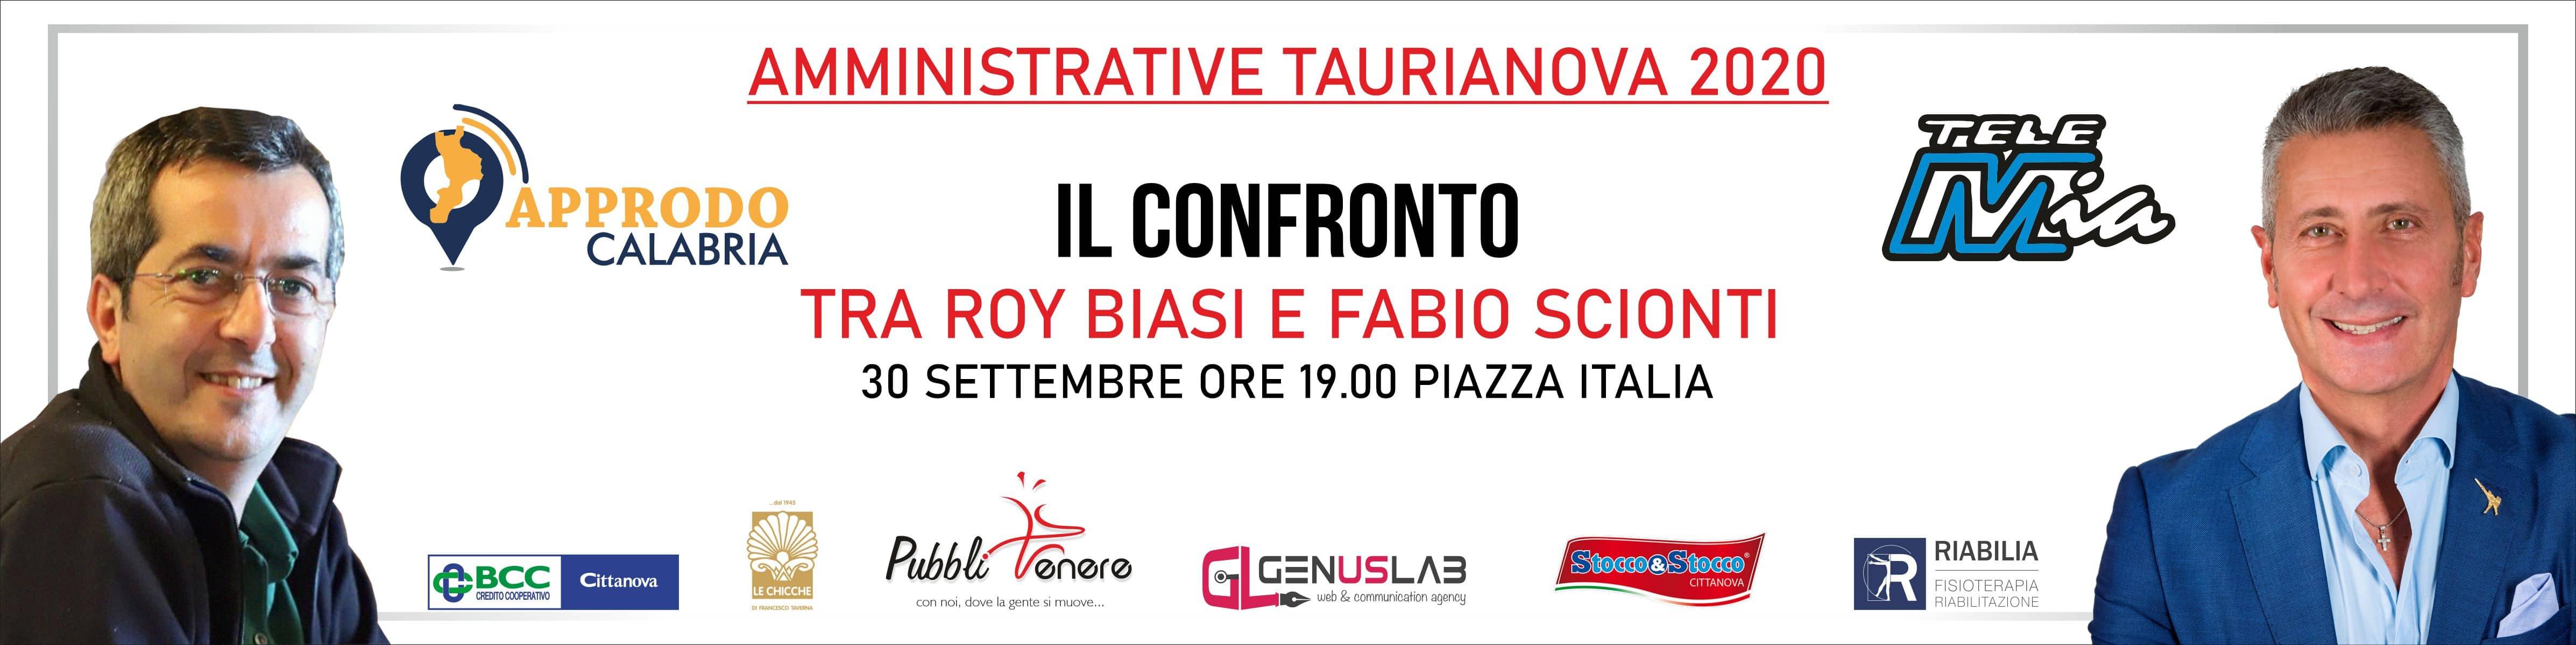 AMMINISTRATIVE 2020: CONFRONTO ROY BIASI / FABIO SCIONTI